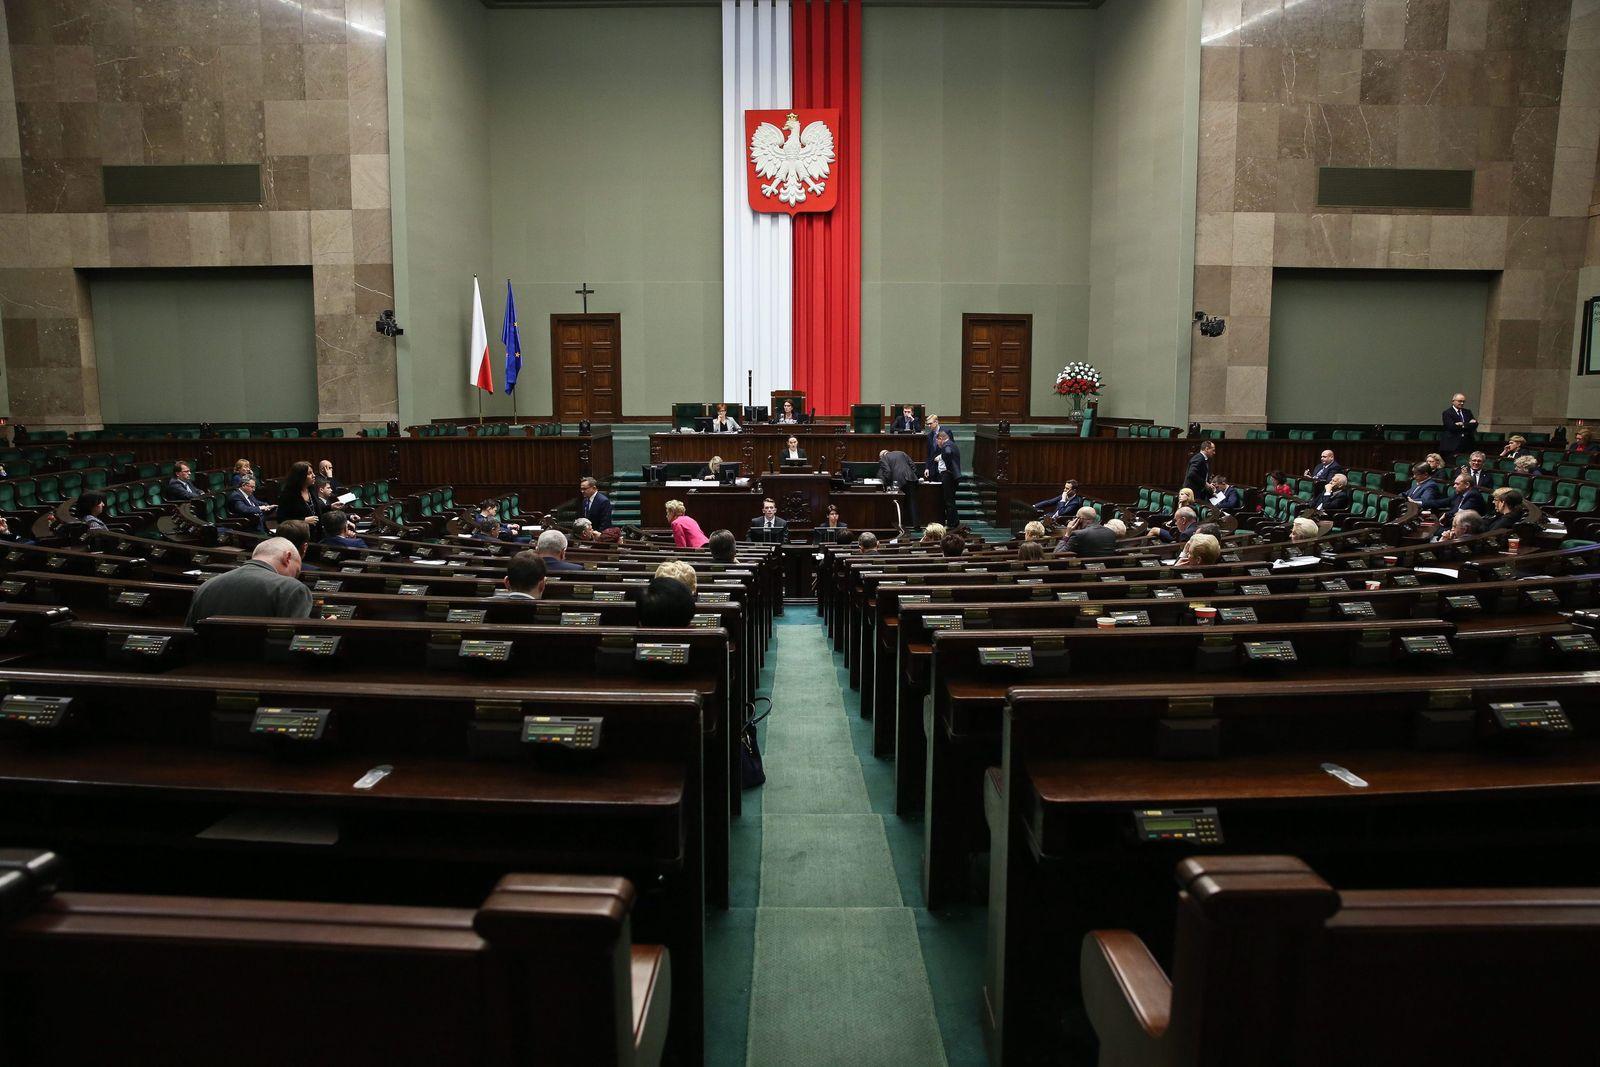 Sejm Plennary Hall